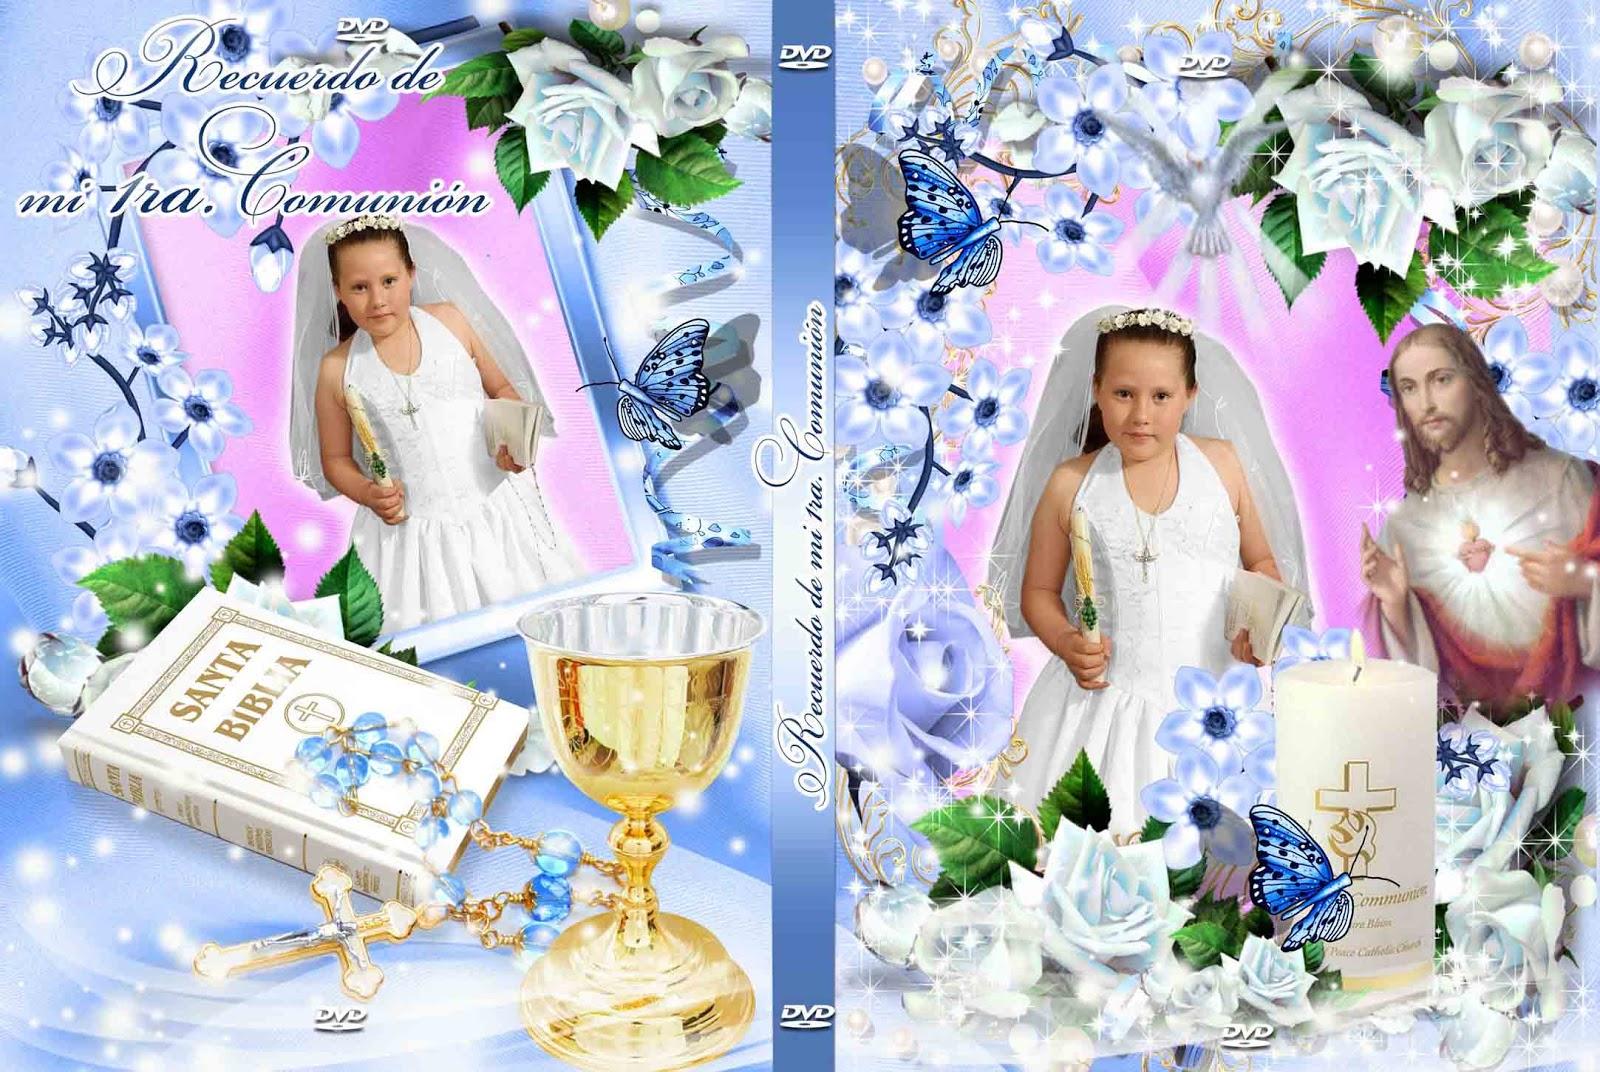 Portada para DVD para Primera Comunión - Plantillas para photoshop 2017